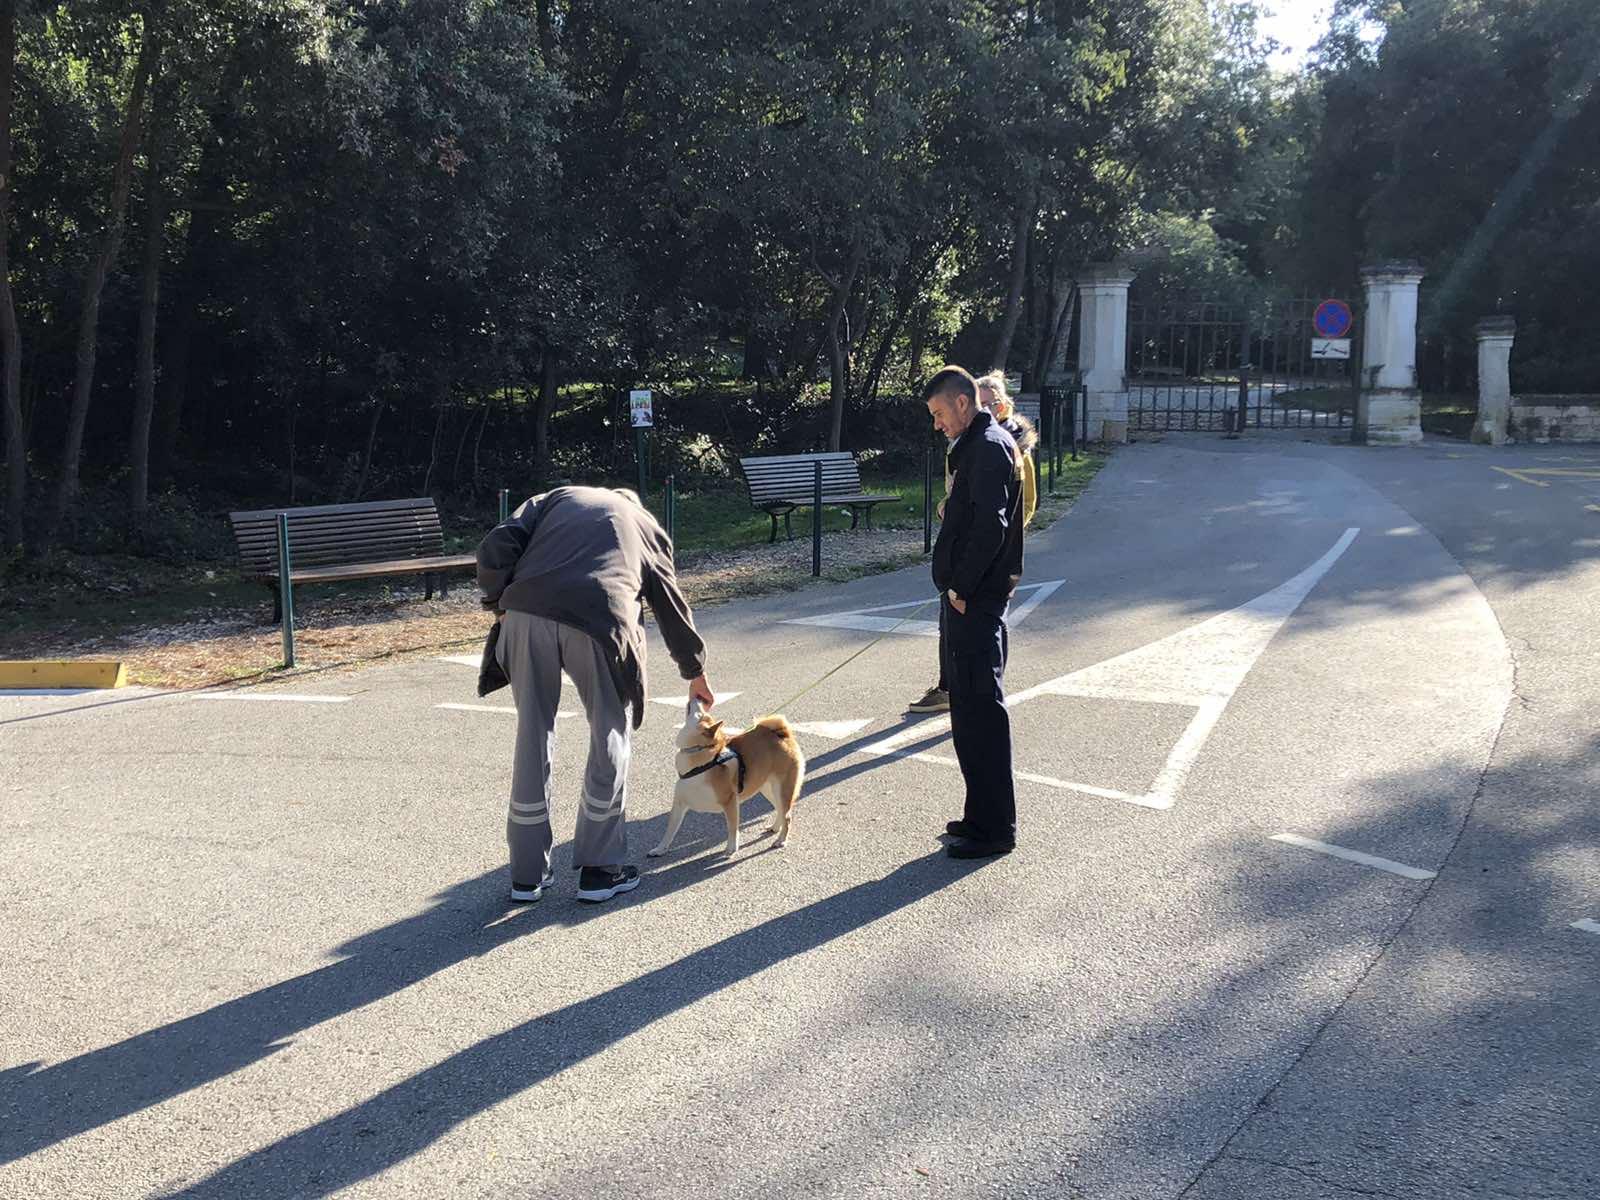 Komunalni redari provode kontrolu pasa na javnim površinama